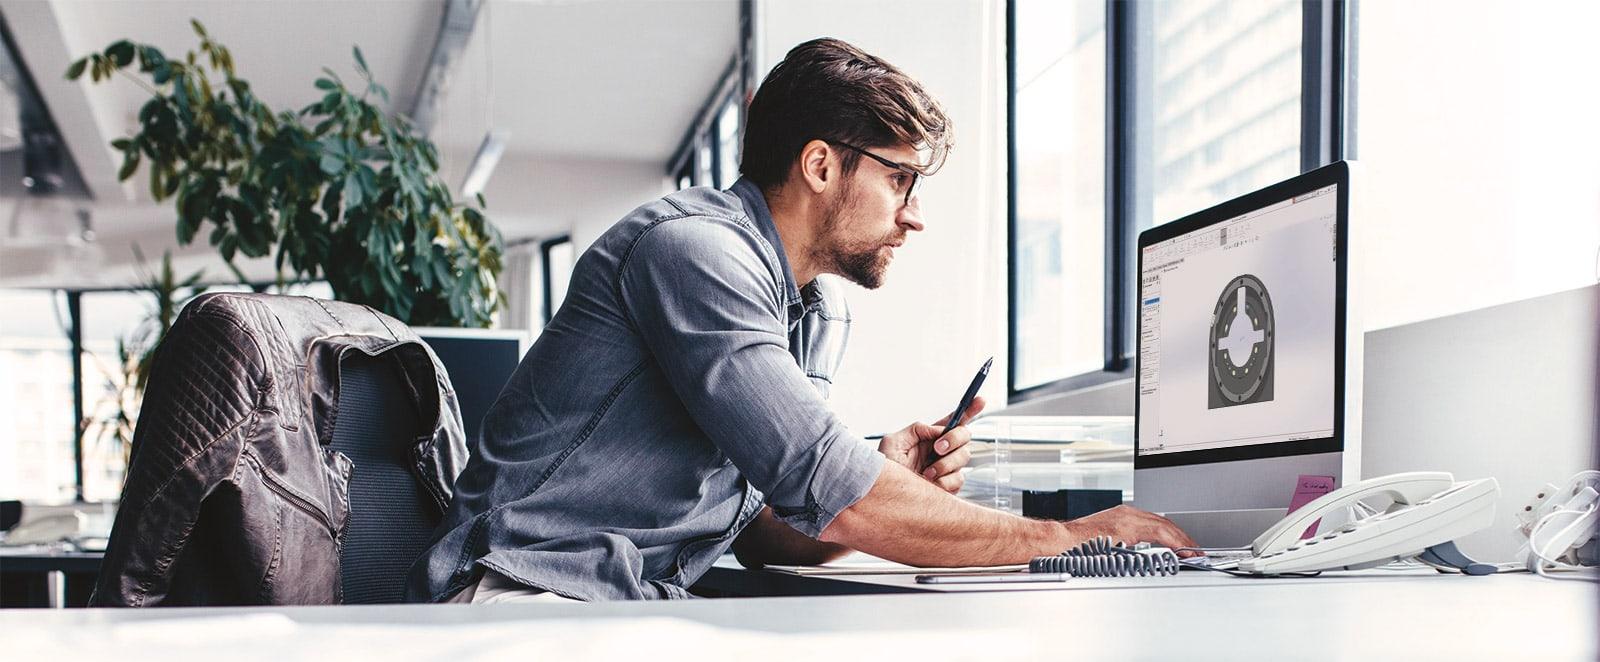 Konstrukteur am Schreibtisch mit Bildschirm